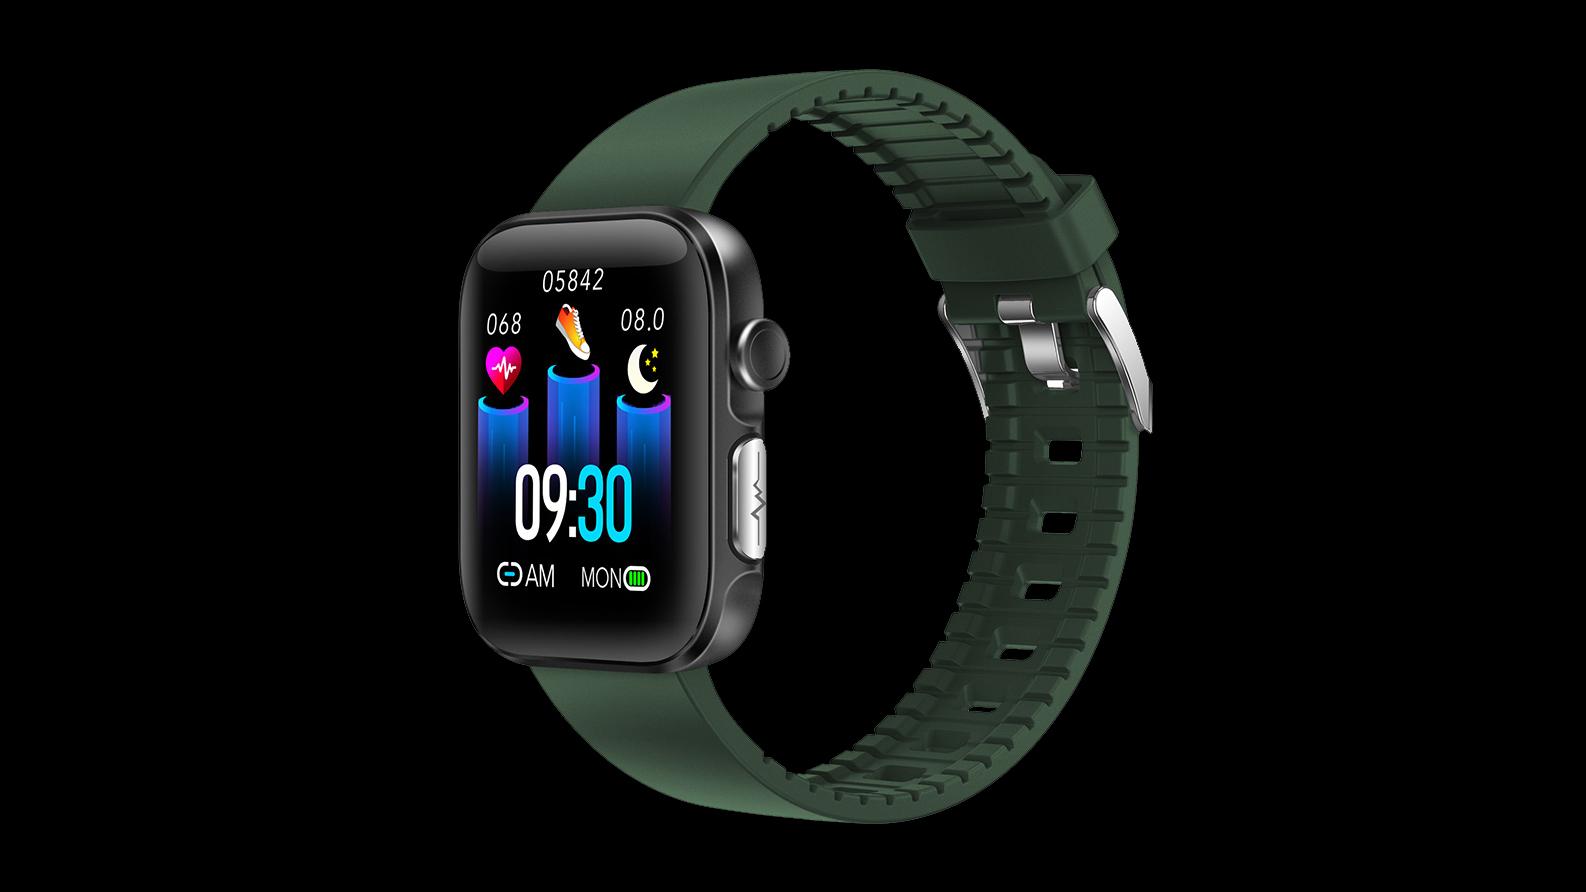 IP68 ماء ملون شاشة تعمل باللمس كامل الرياضة حركة القلب حركة مراقبة الذكية ووتش GT2